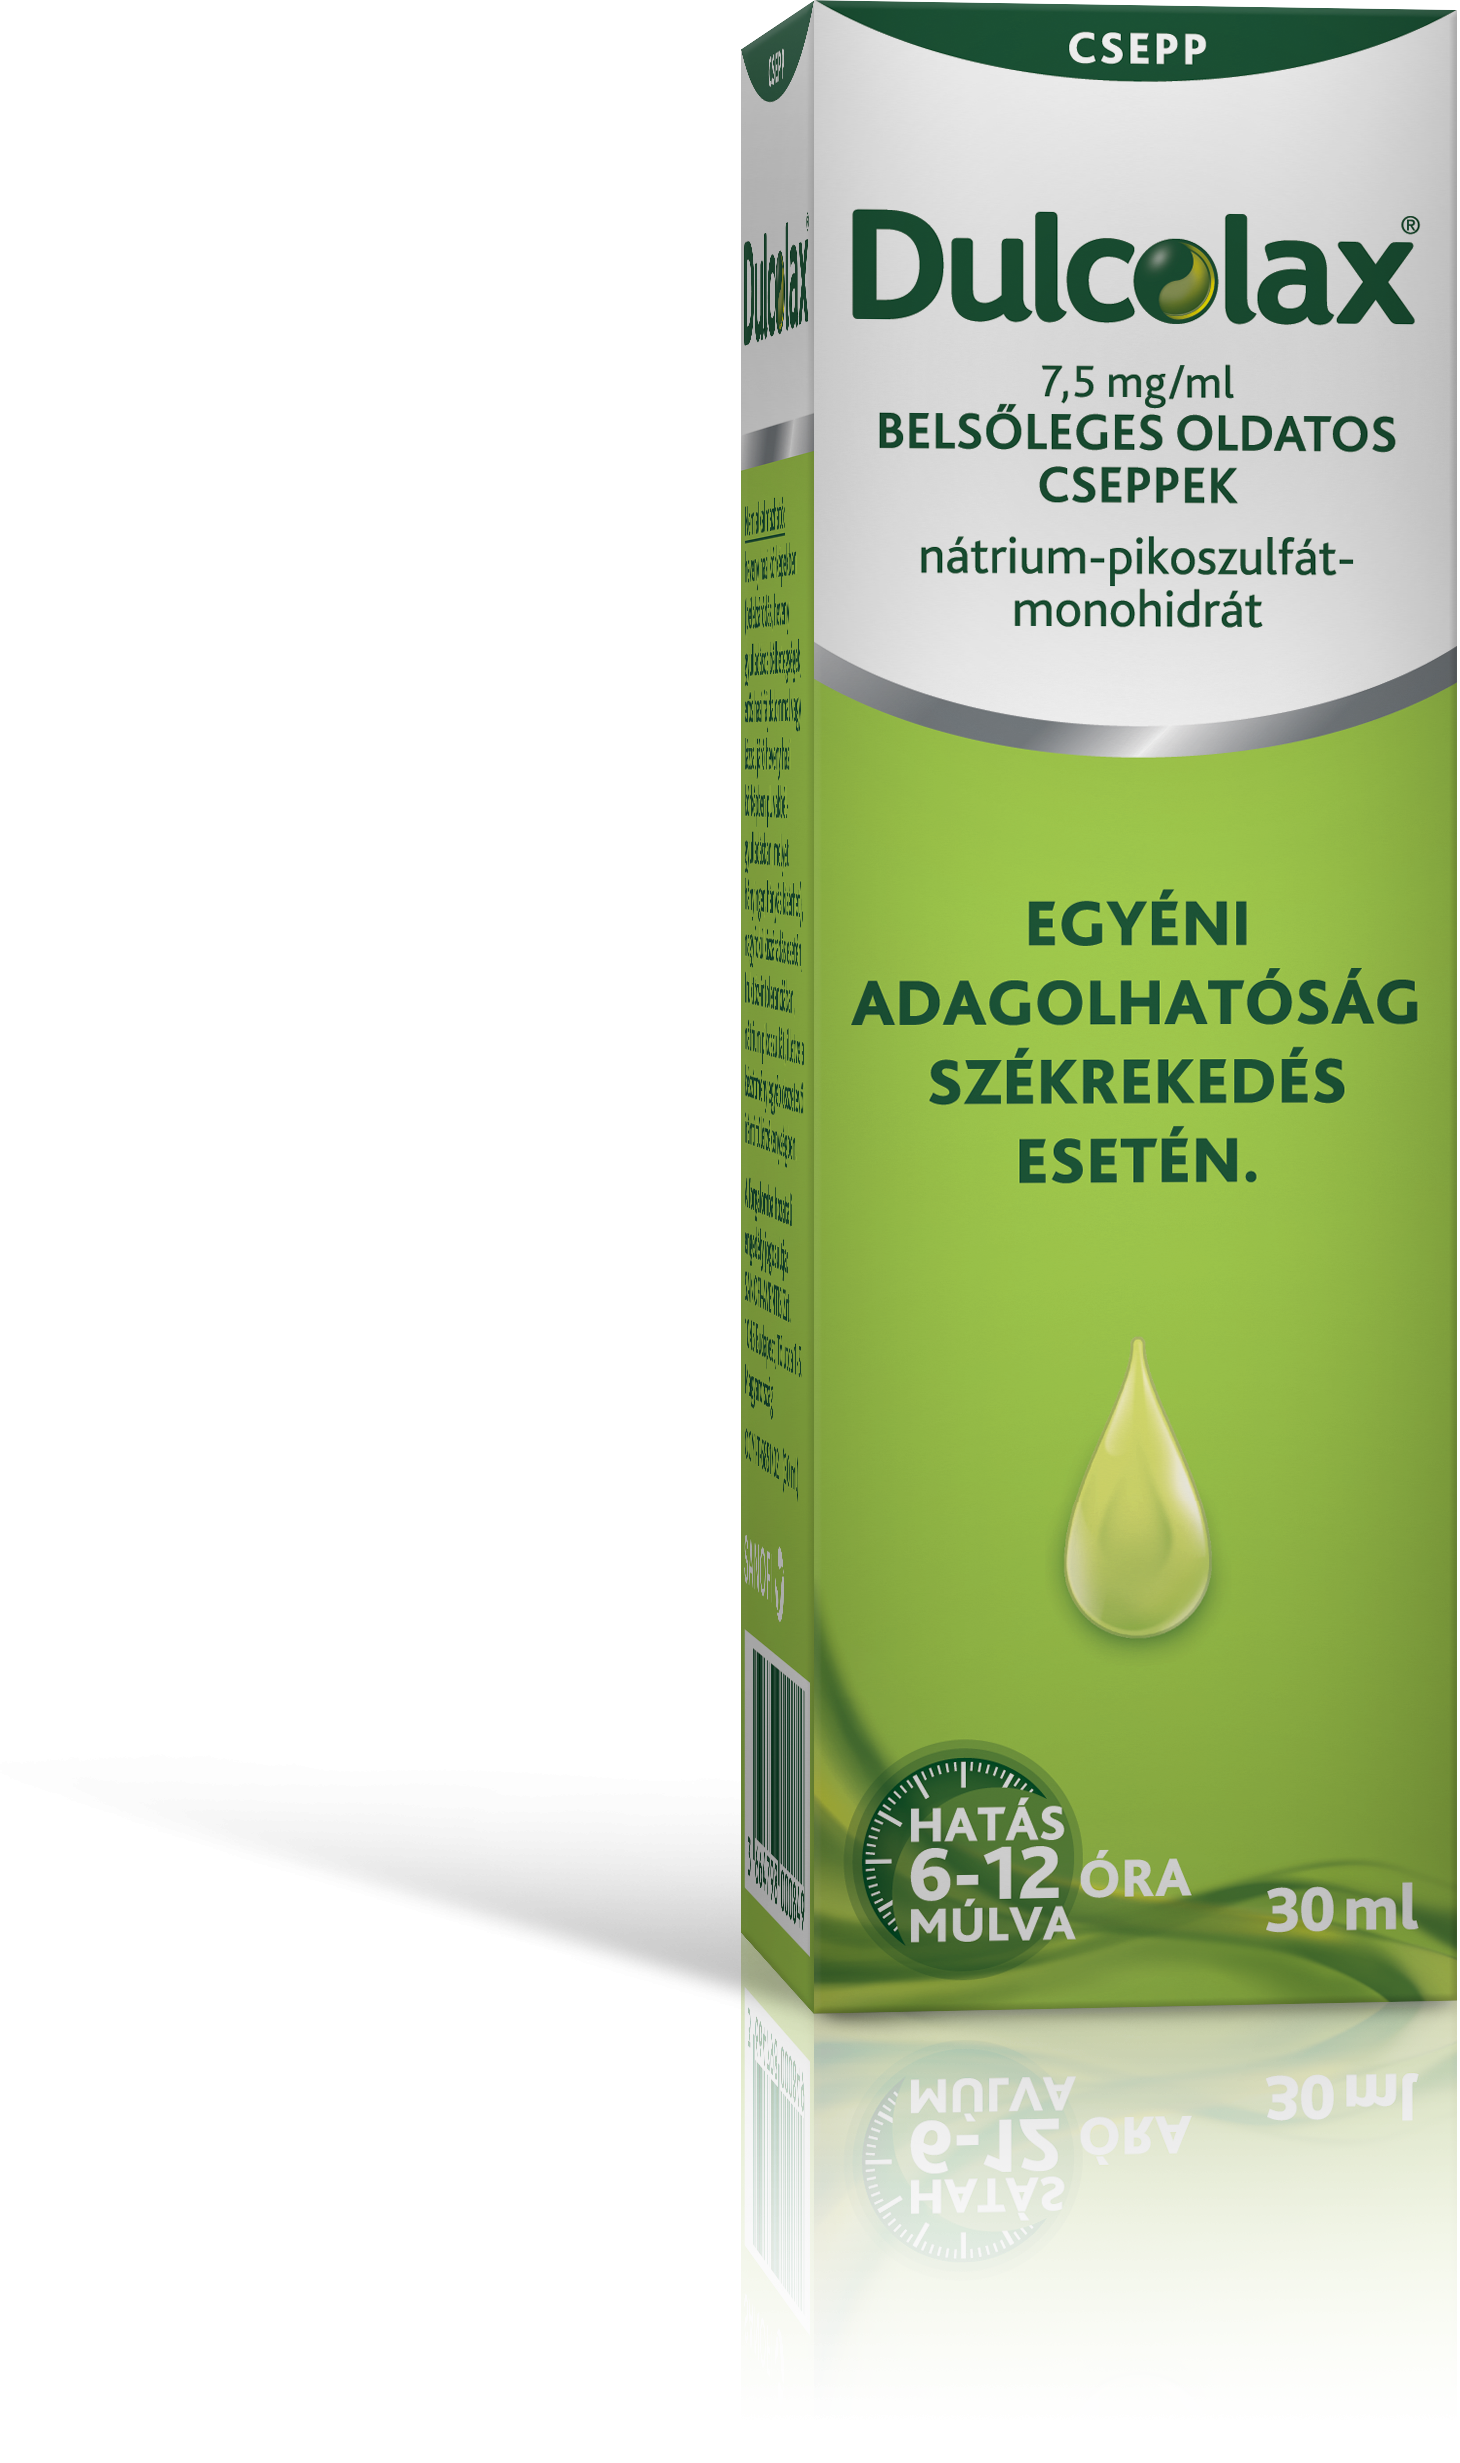 Dulcolax 7,5 mg/ml belsőleges oldatos cseppek 1x30ml